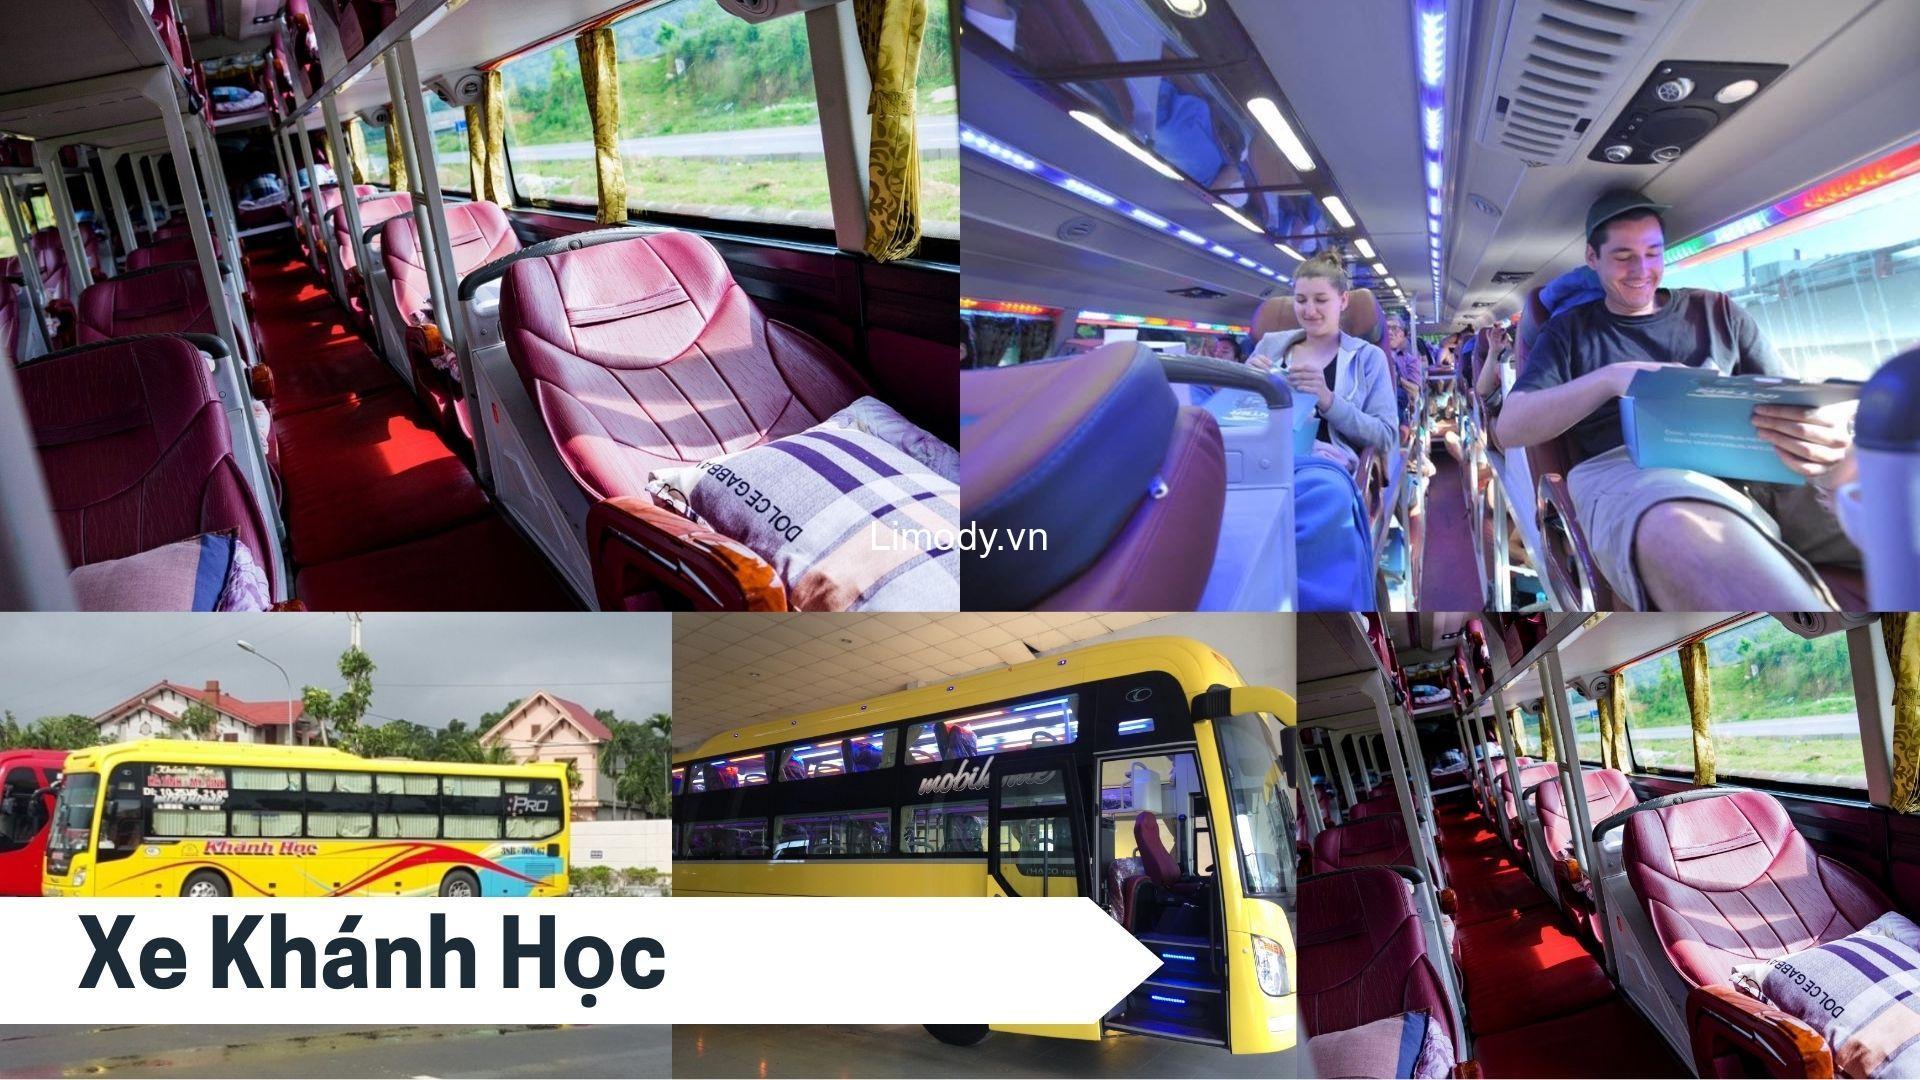 Xe Khánh Học: Bến xe, giá vé, số điện thoại đặt vé, lịch trình Hà Tĩnh – Hà Nội